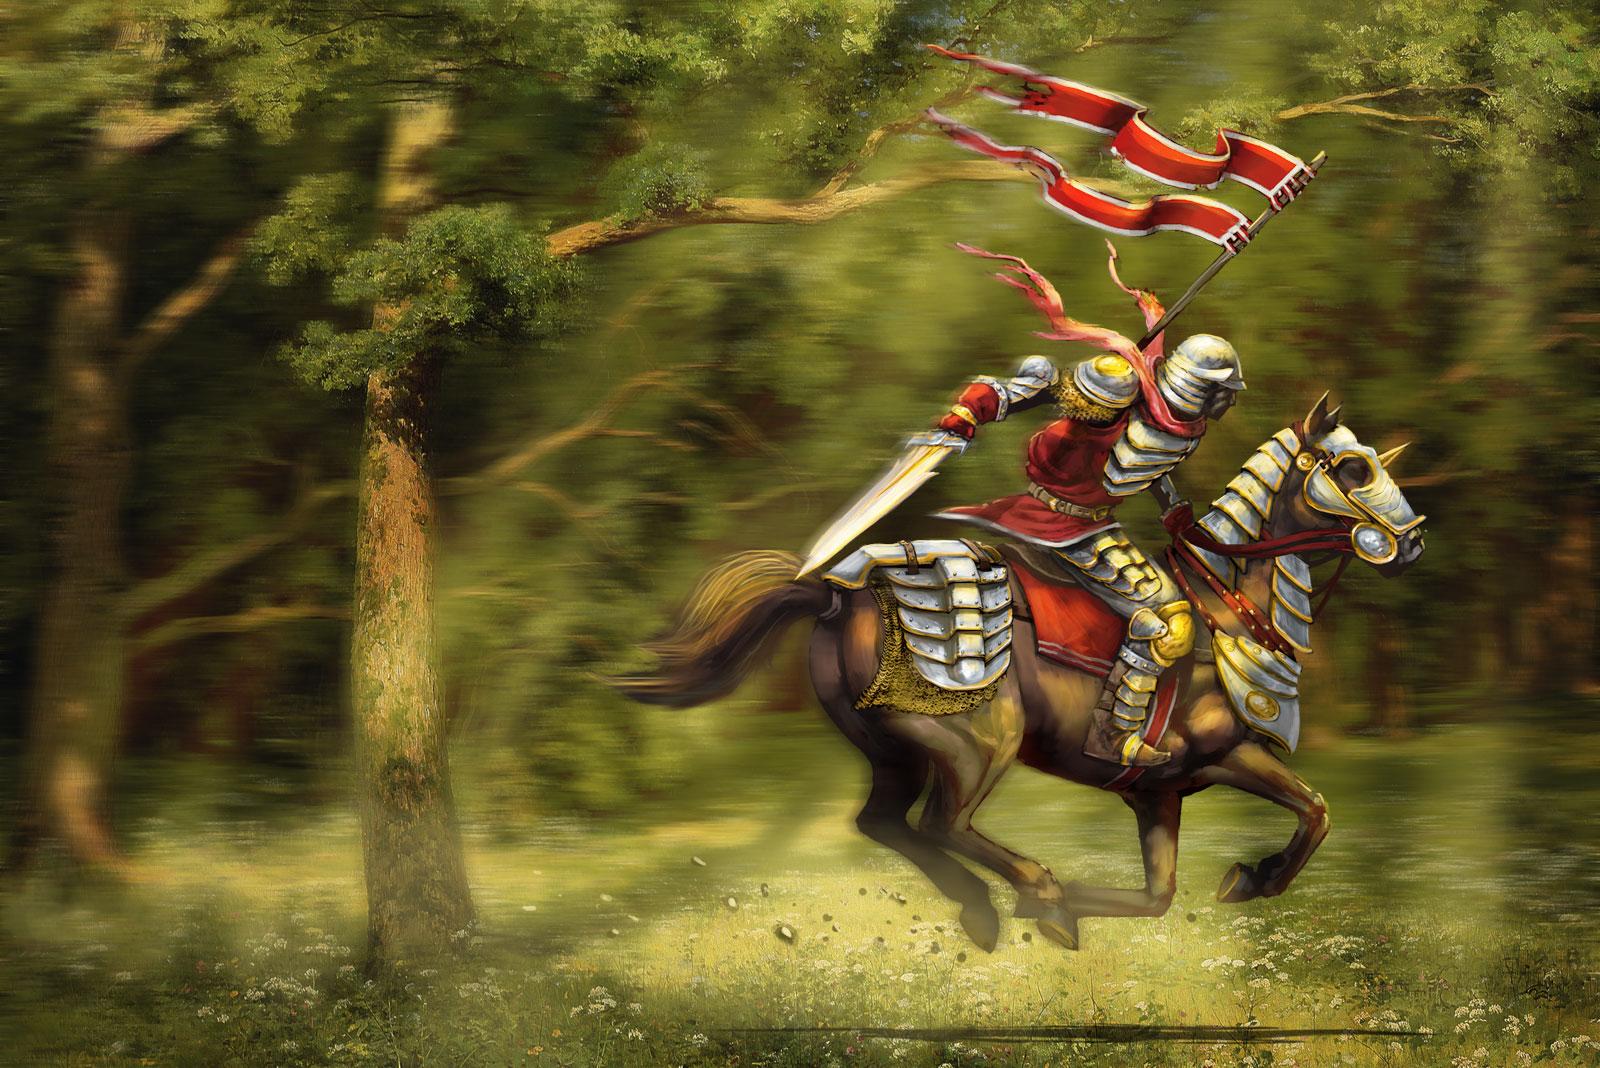 العاب حرب اون لاين - لعبة حرب الملوك